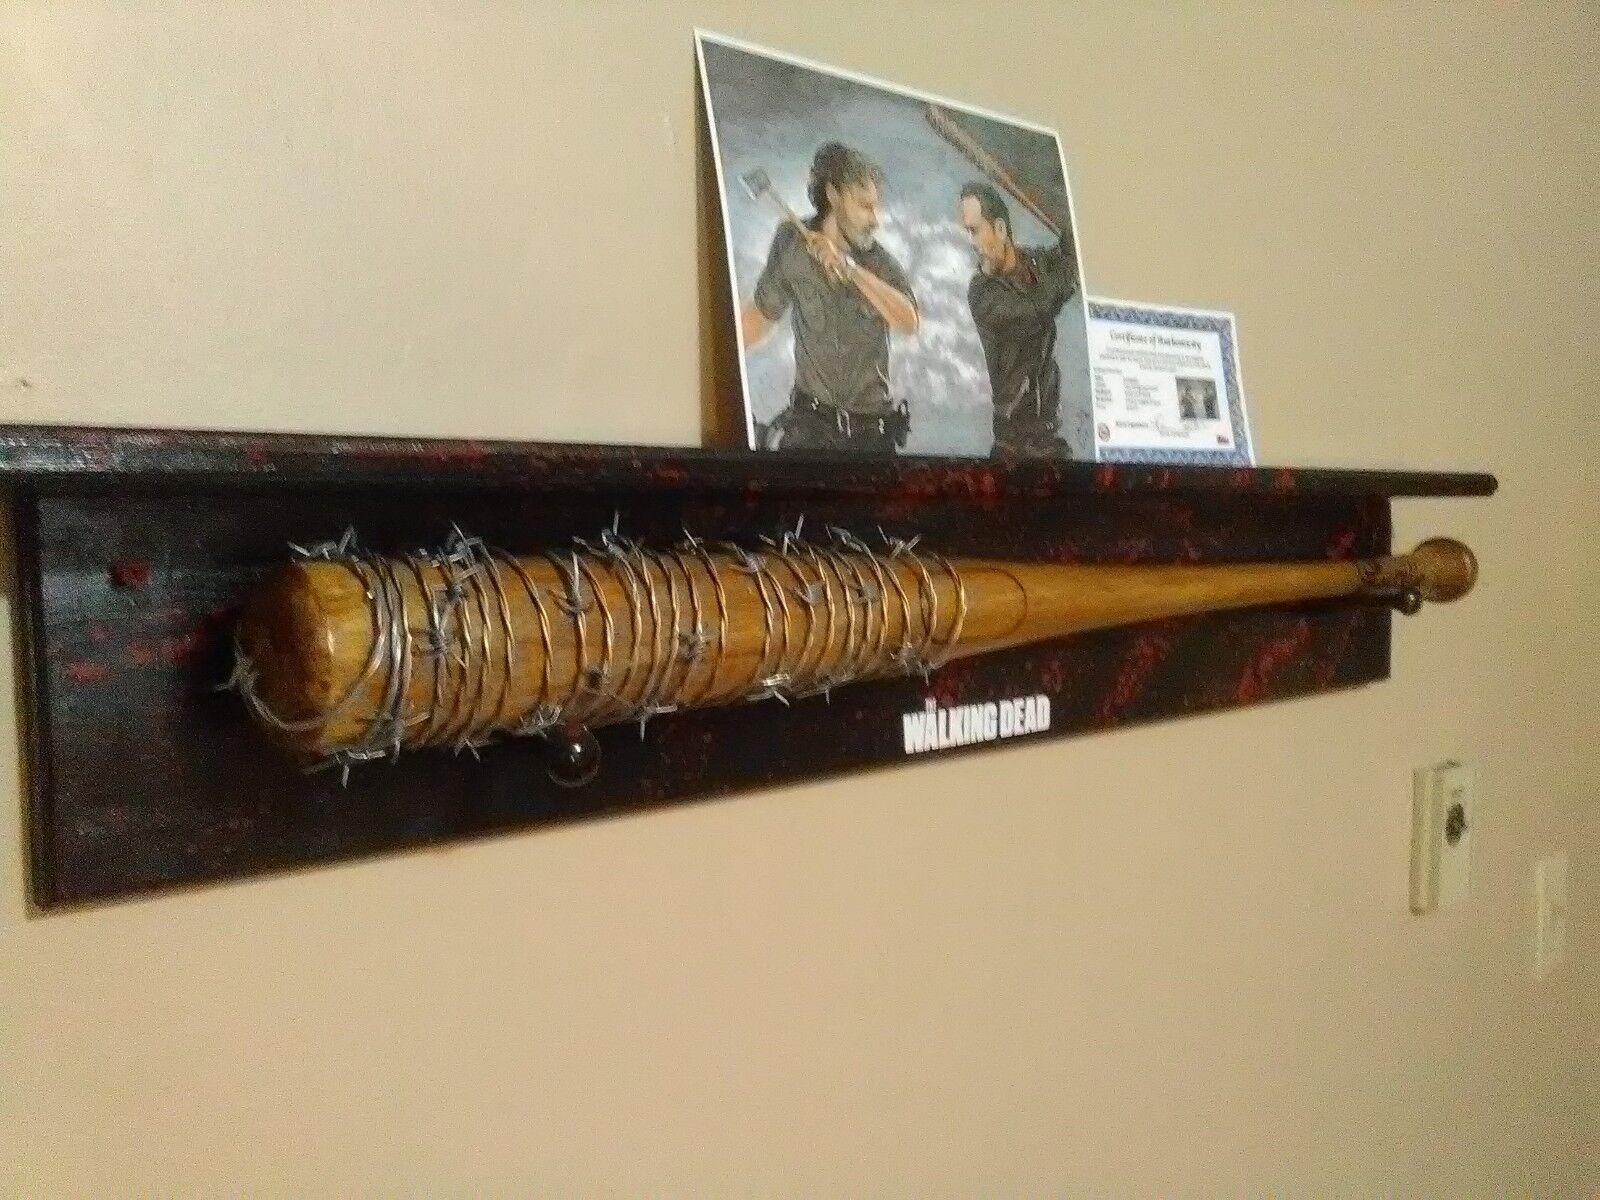 tienda de ventas outlet The Walking Dead Negan's Lucille alambradas Bat Bat Bat Utilería salpicaduras de sangre con hacha de Ricks  precios mas baratos